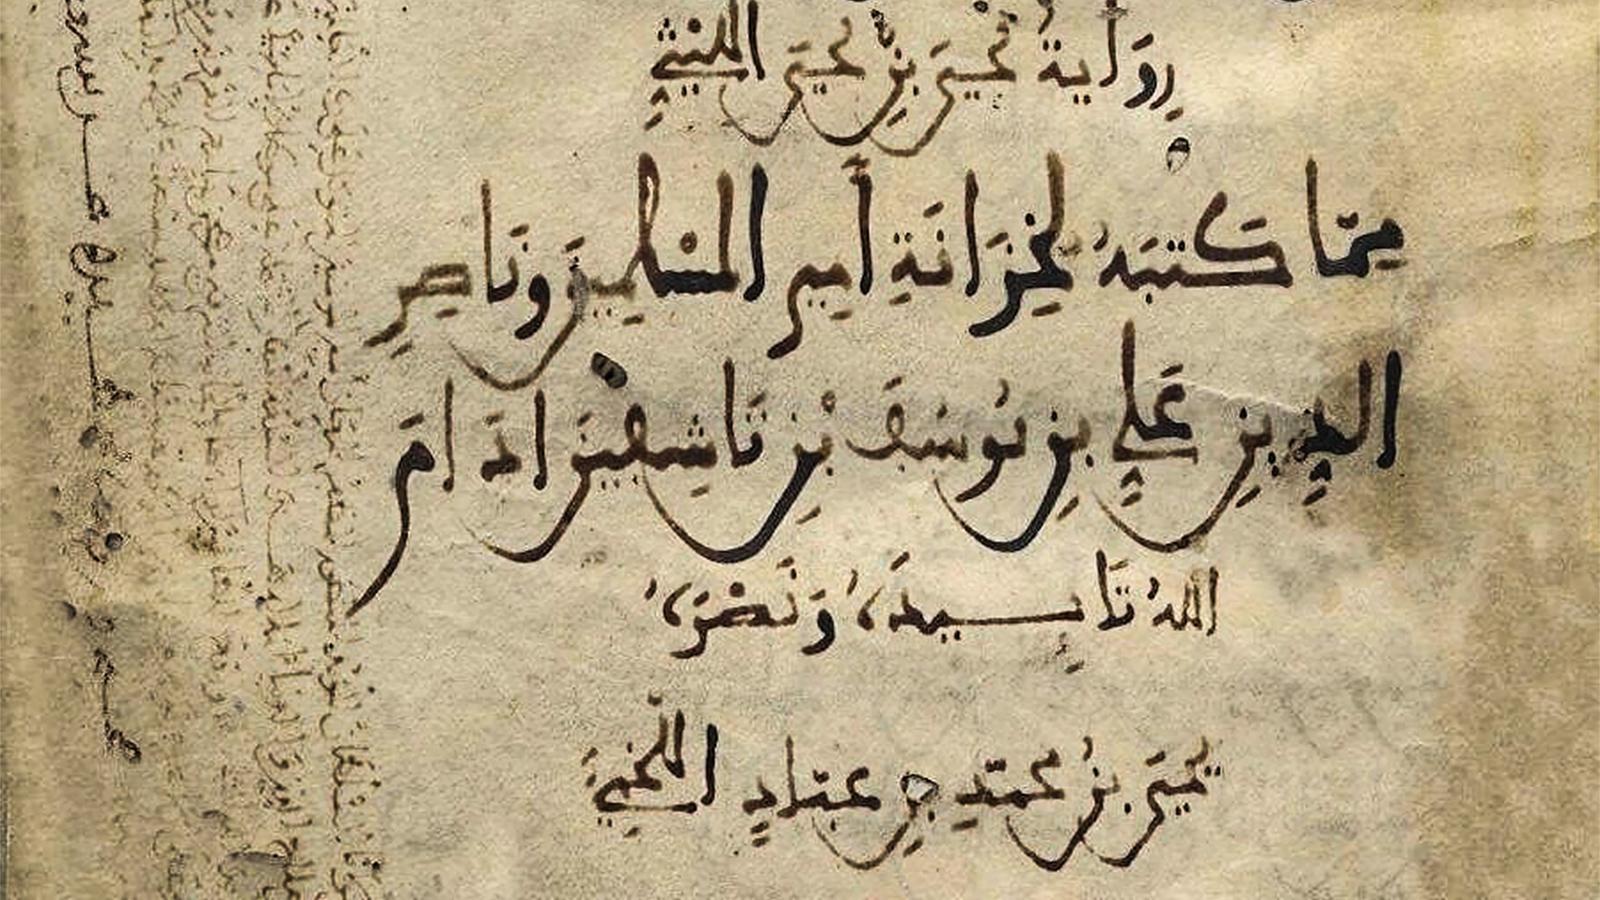 يهودي يكتب القرآن ومسيحي ينسخ تفسير الطبري ومؤلفات بخطوط نسائية.. الوراقون وصناعة الكتاب في الحضارة الإسلامية Cdce47fa-b6c7-4146-b144-21b9b0124003